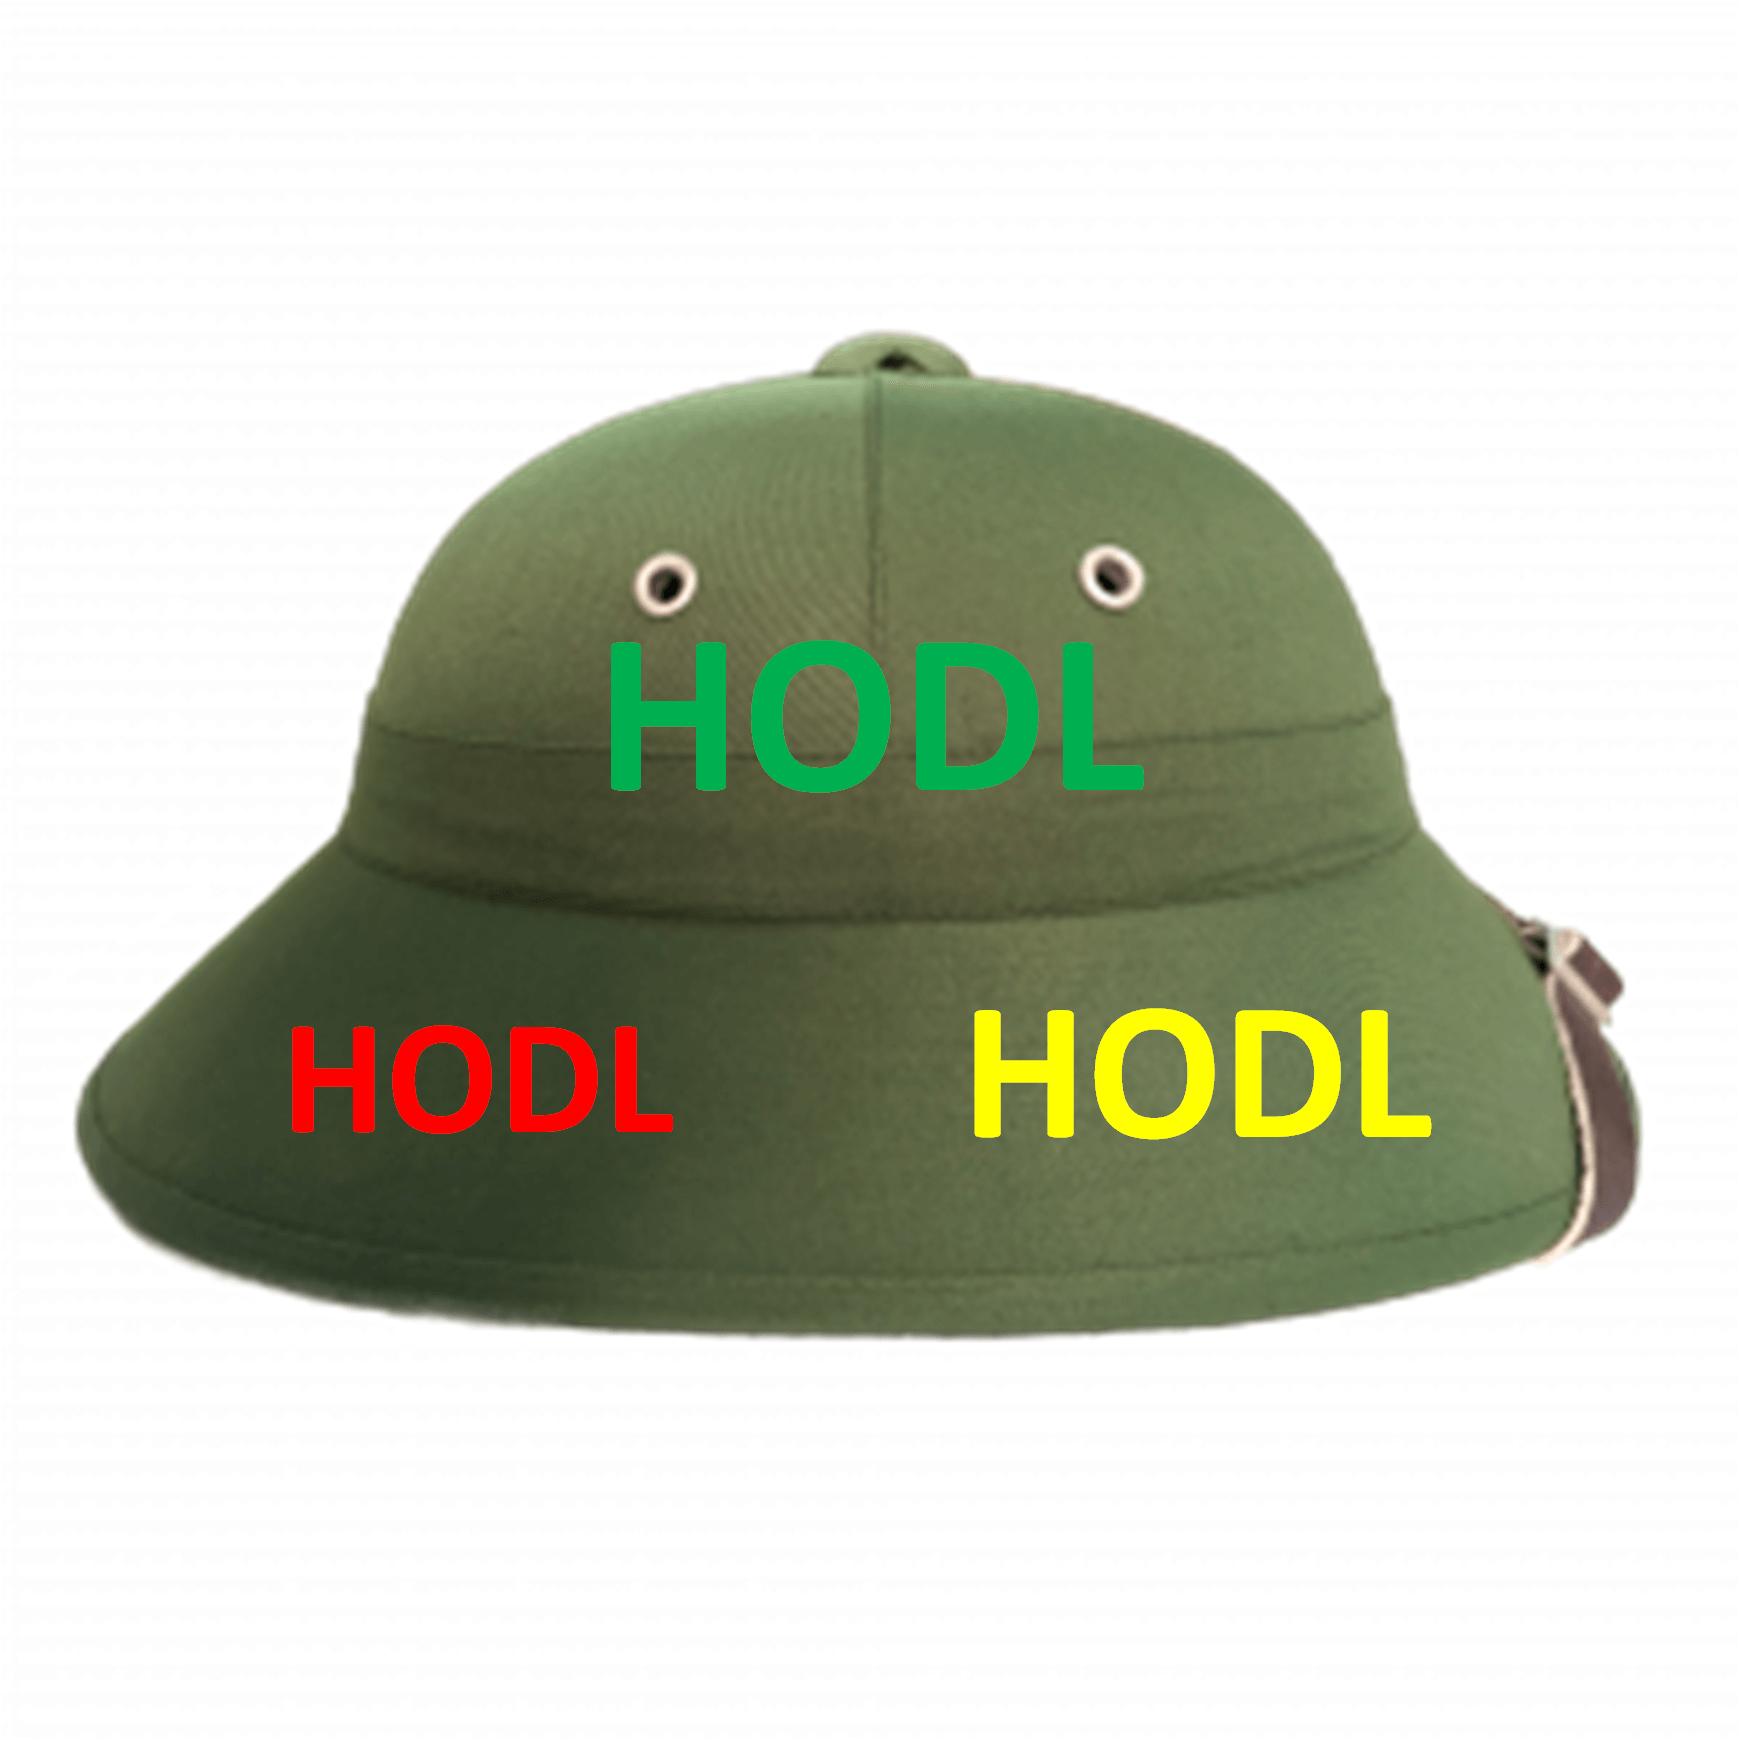 HODL-HODL-HODL